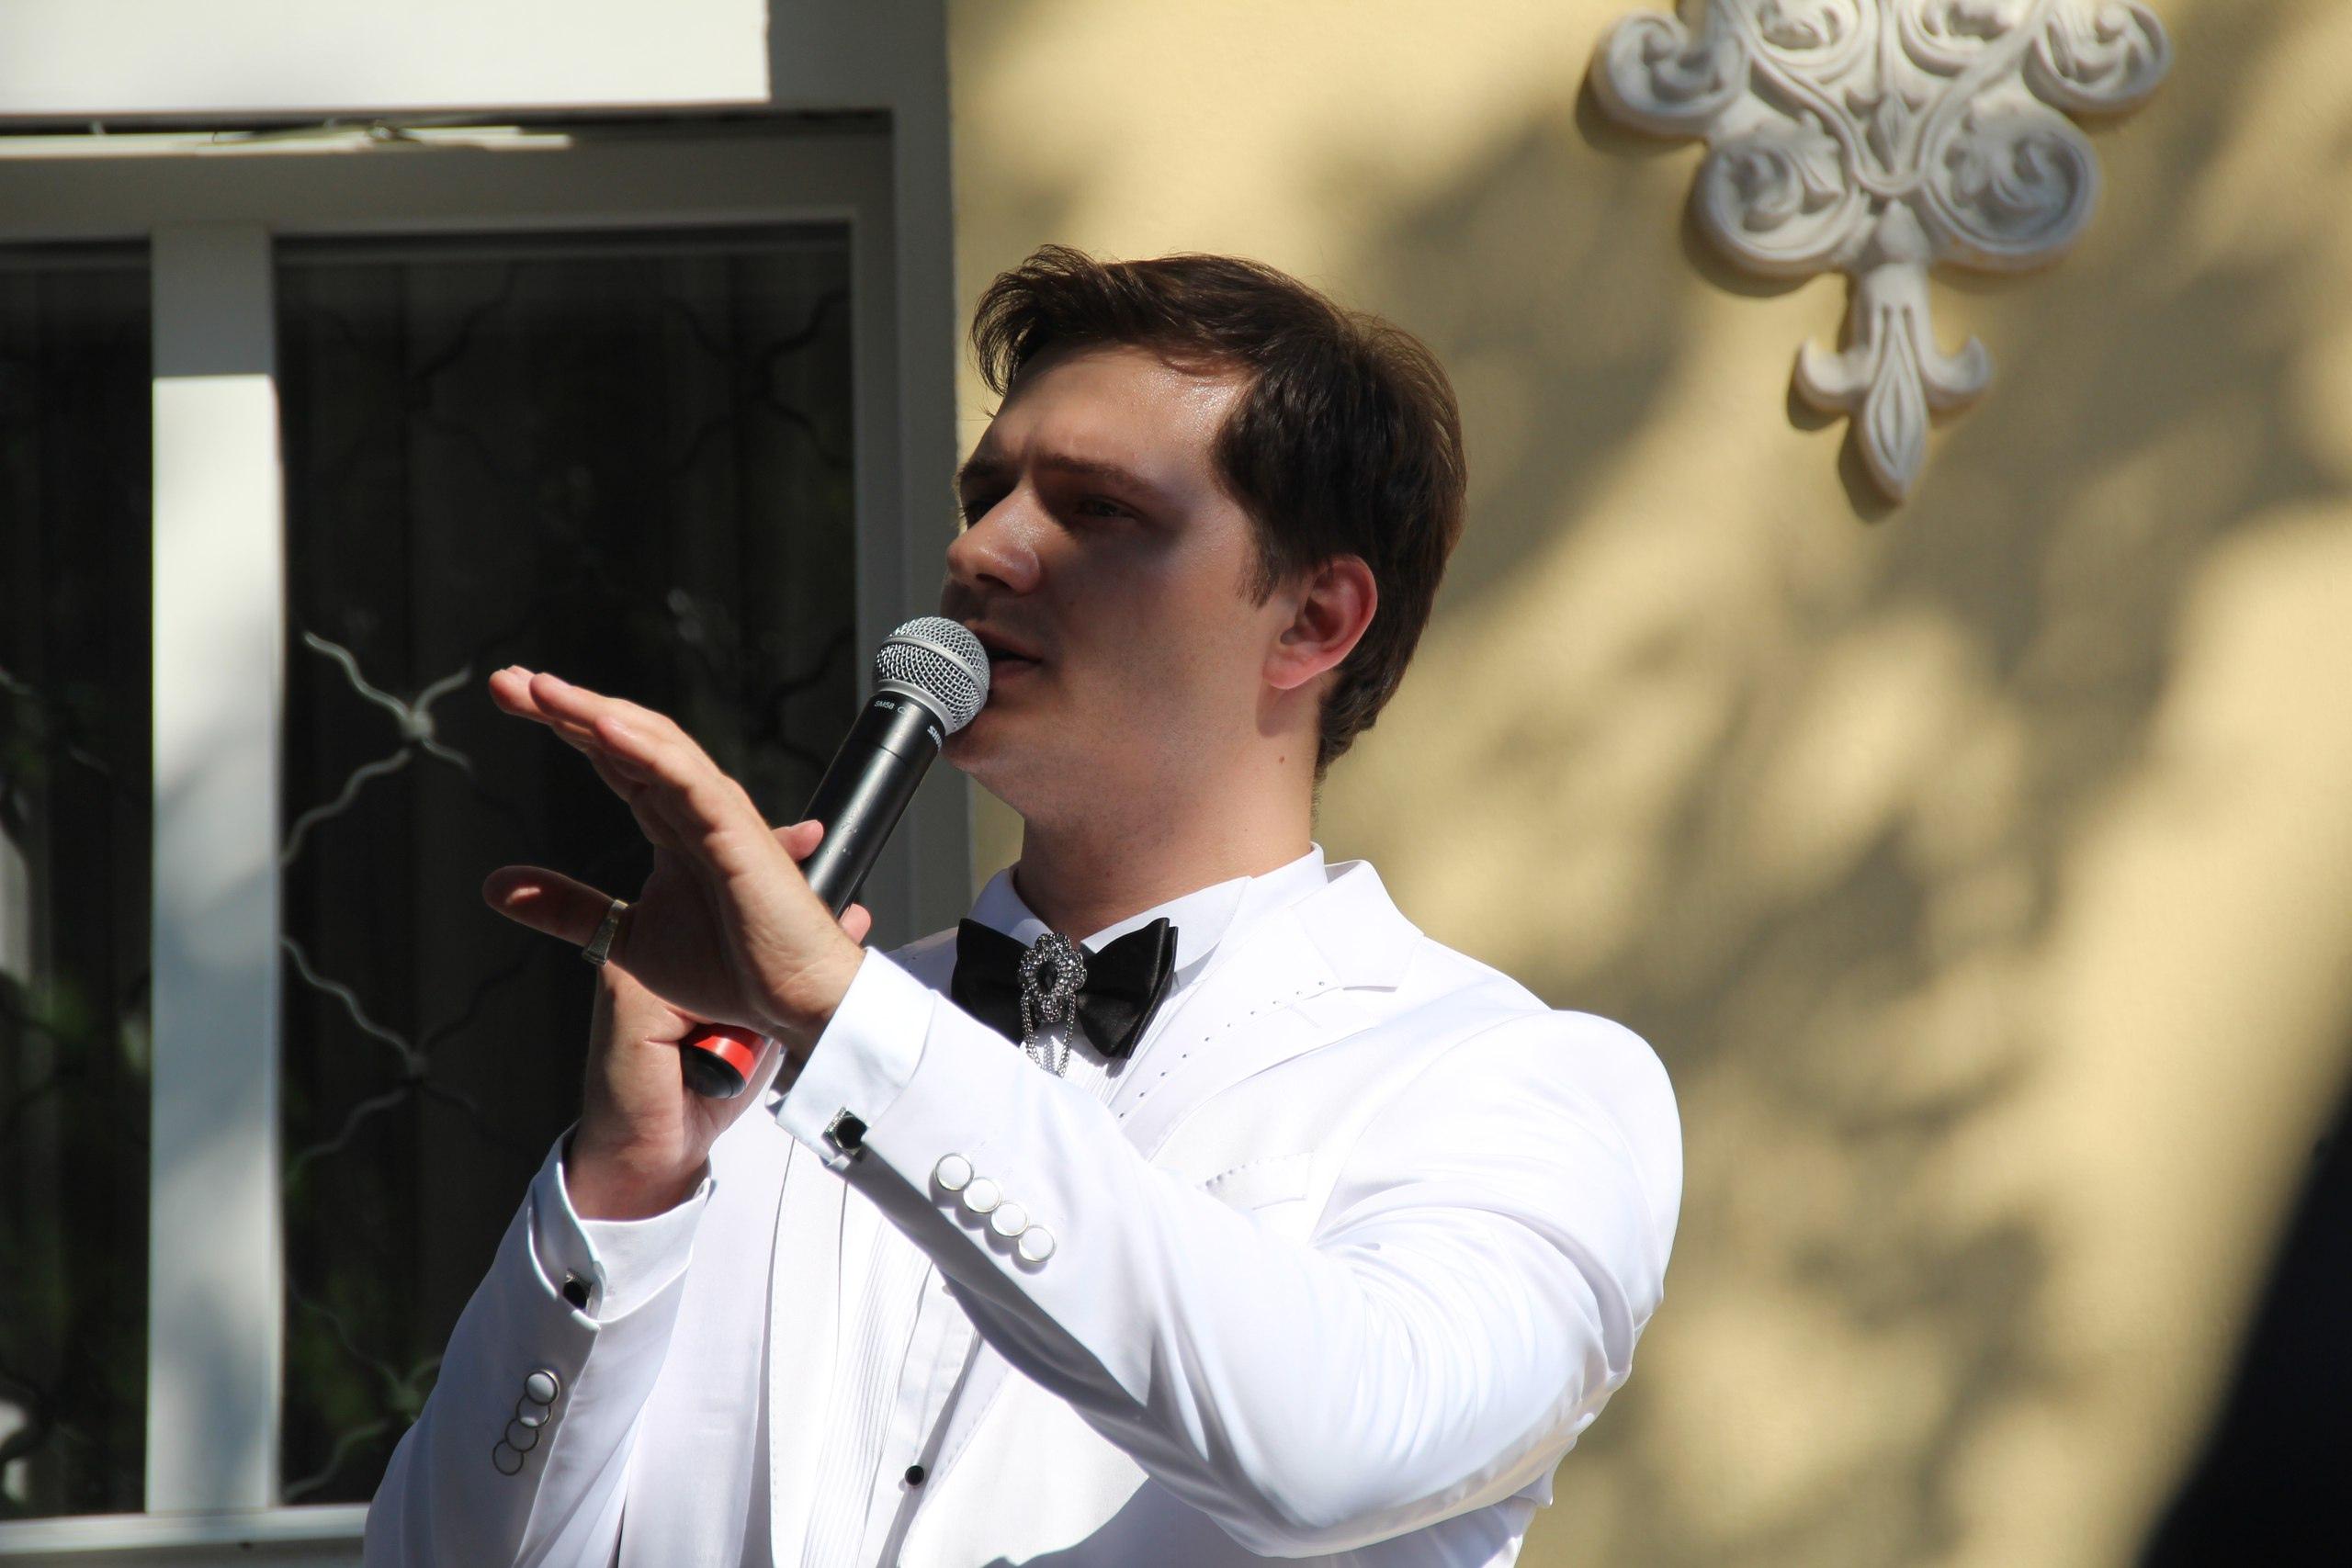 26 июня в Твери весь день будут звучать стихи о любви и верности